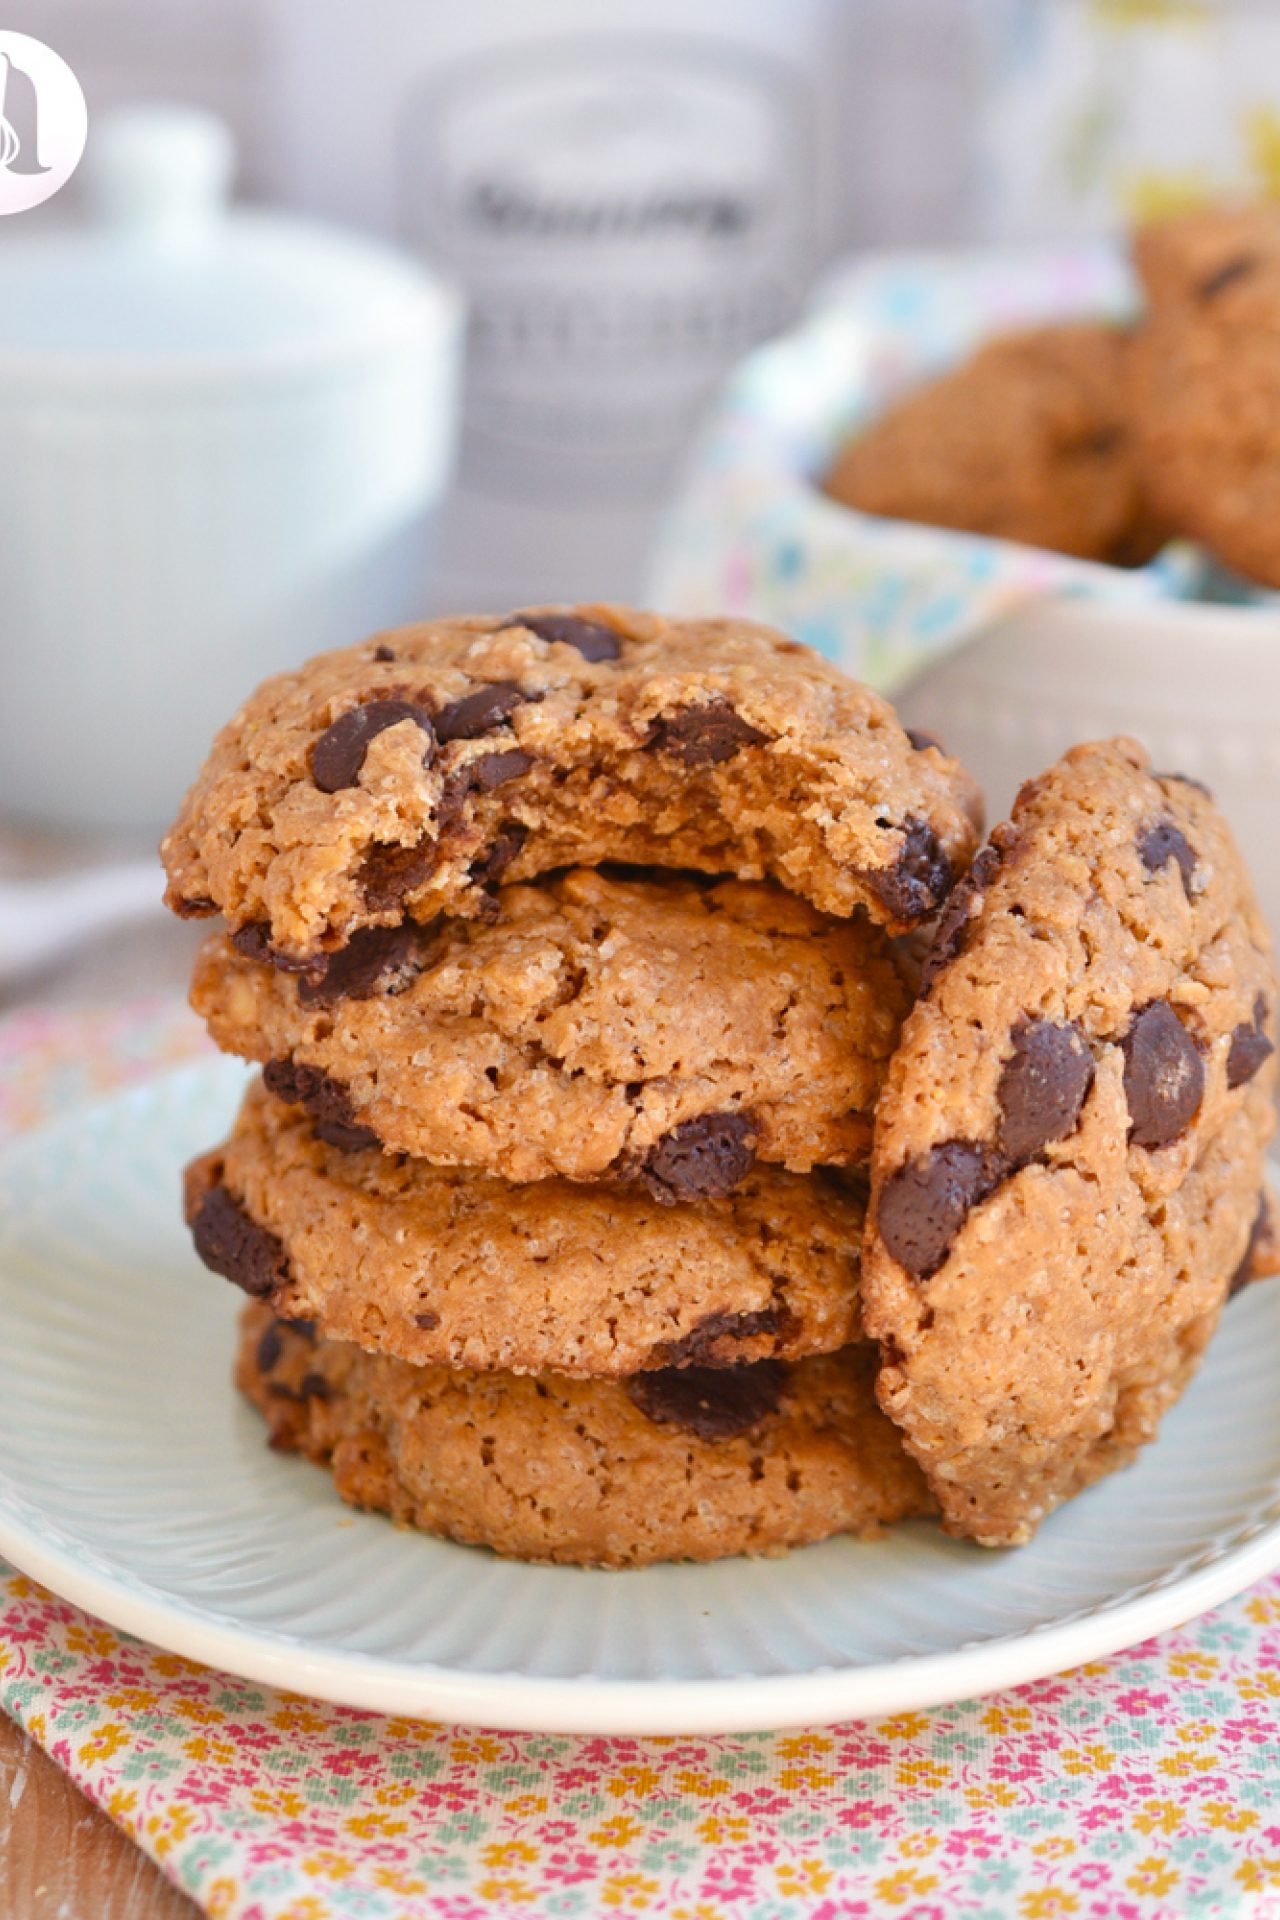 Galletas de avena y peanut butter, sin gluten y sin lactosa